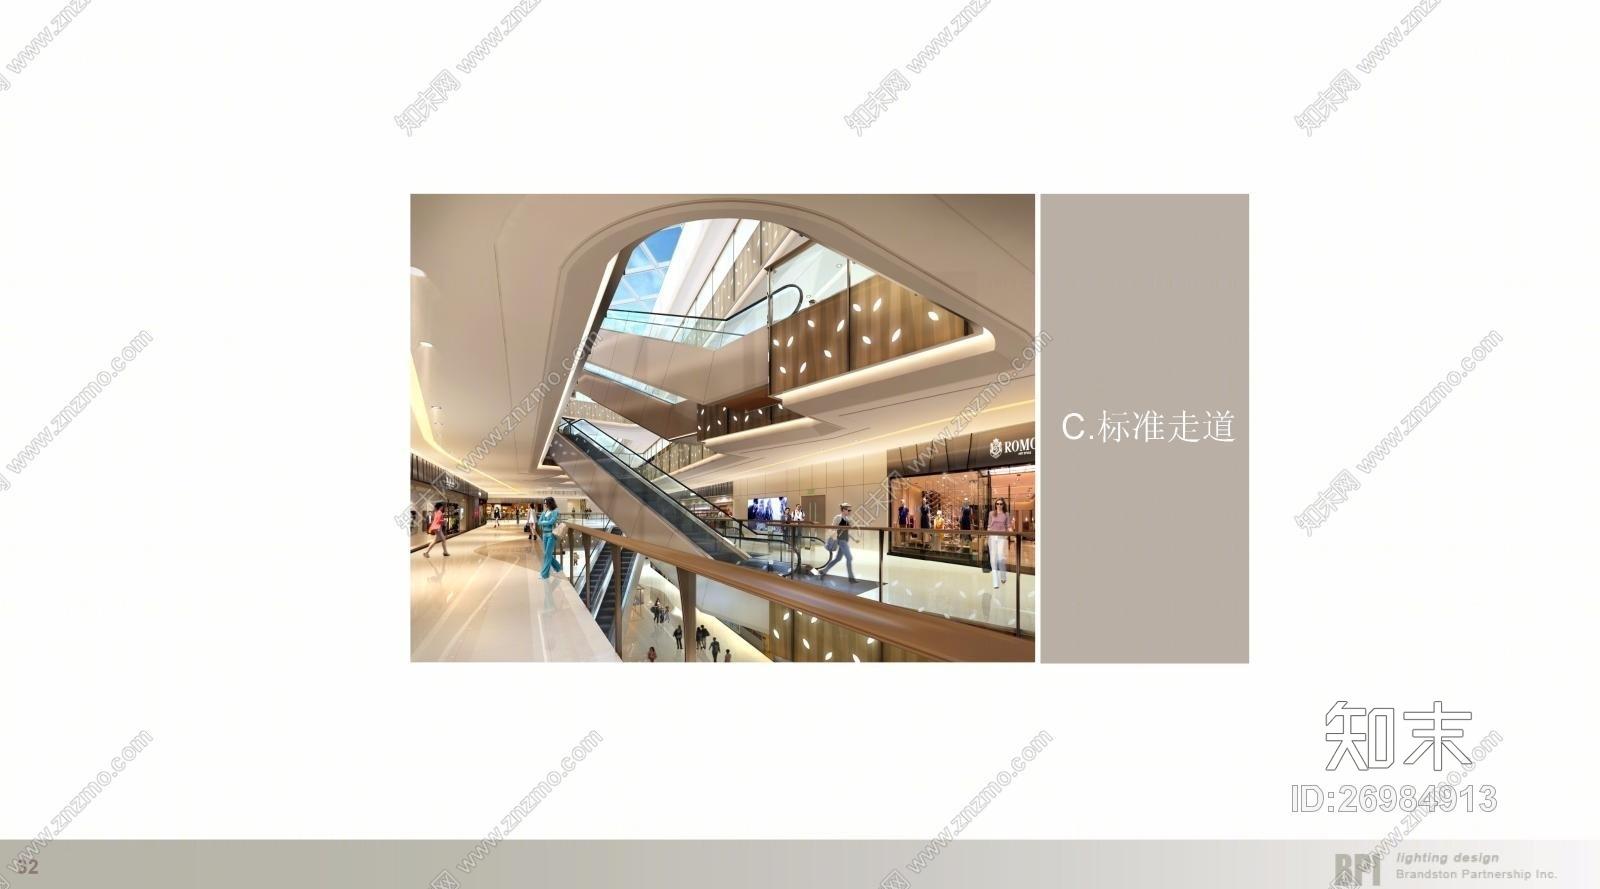 姜峰BPI设计--上海星光耀广场全套CAD施工图+效果图施工图下载【ID:26984913】